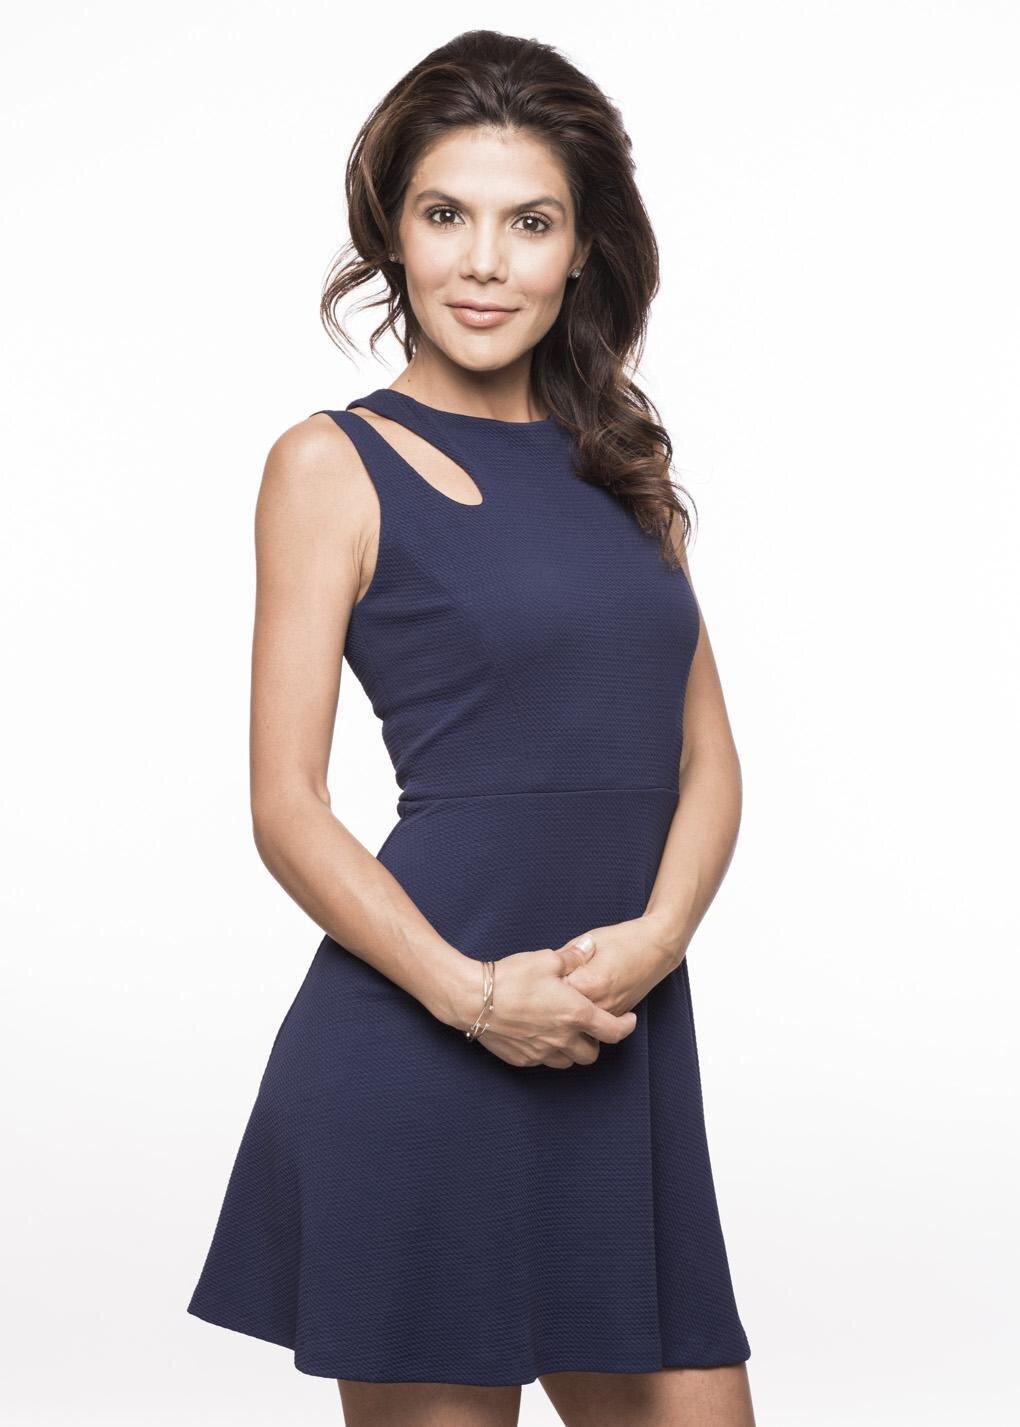 Michelle Algeria from Fox 32